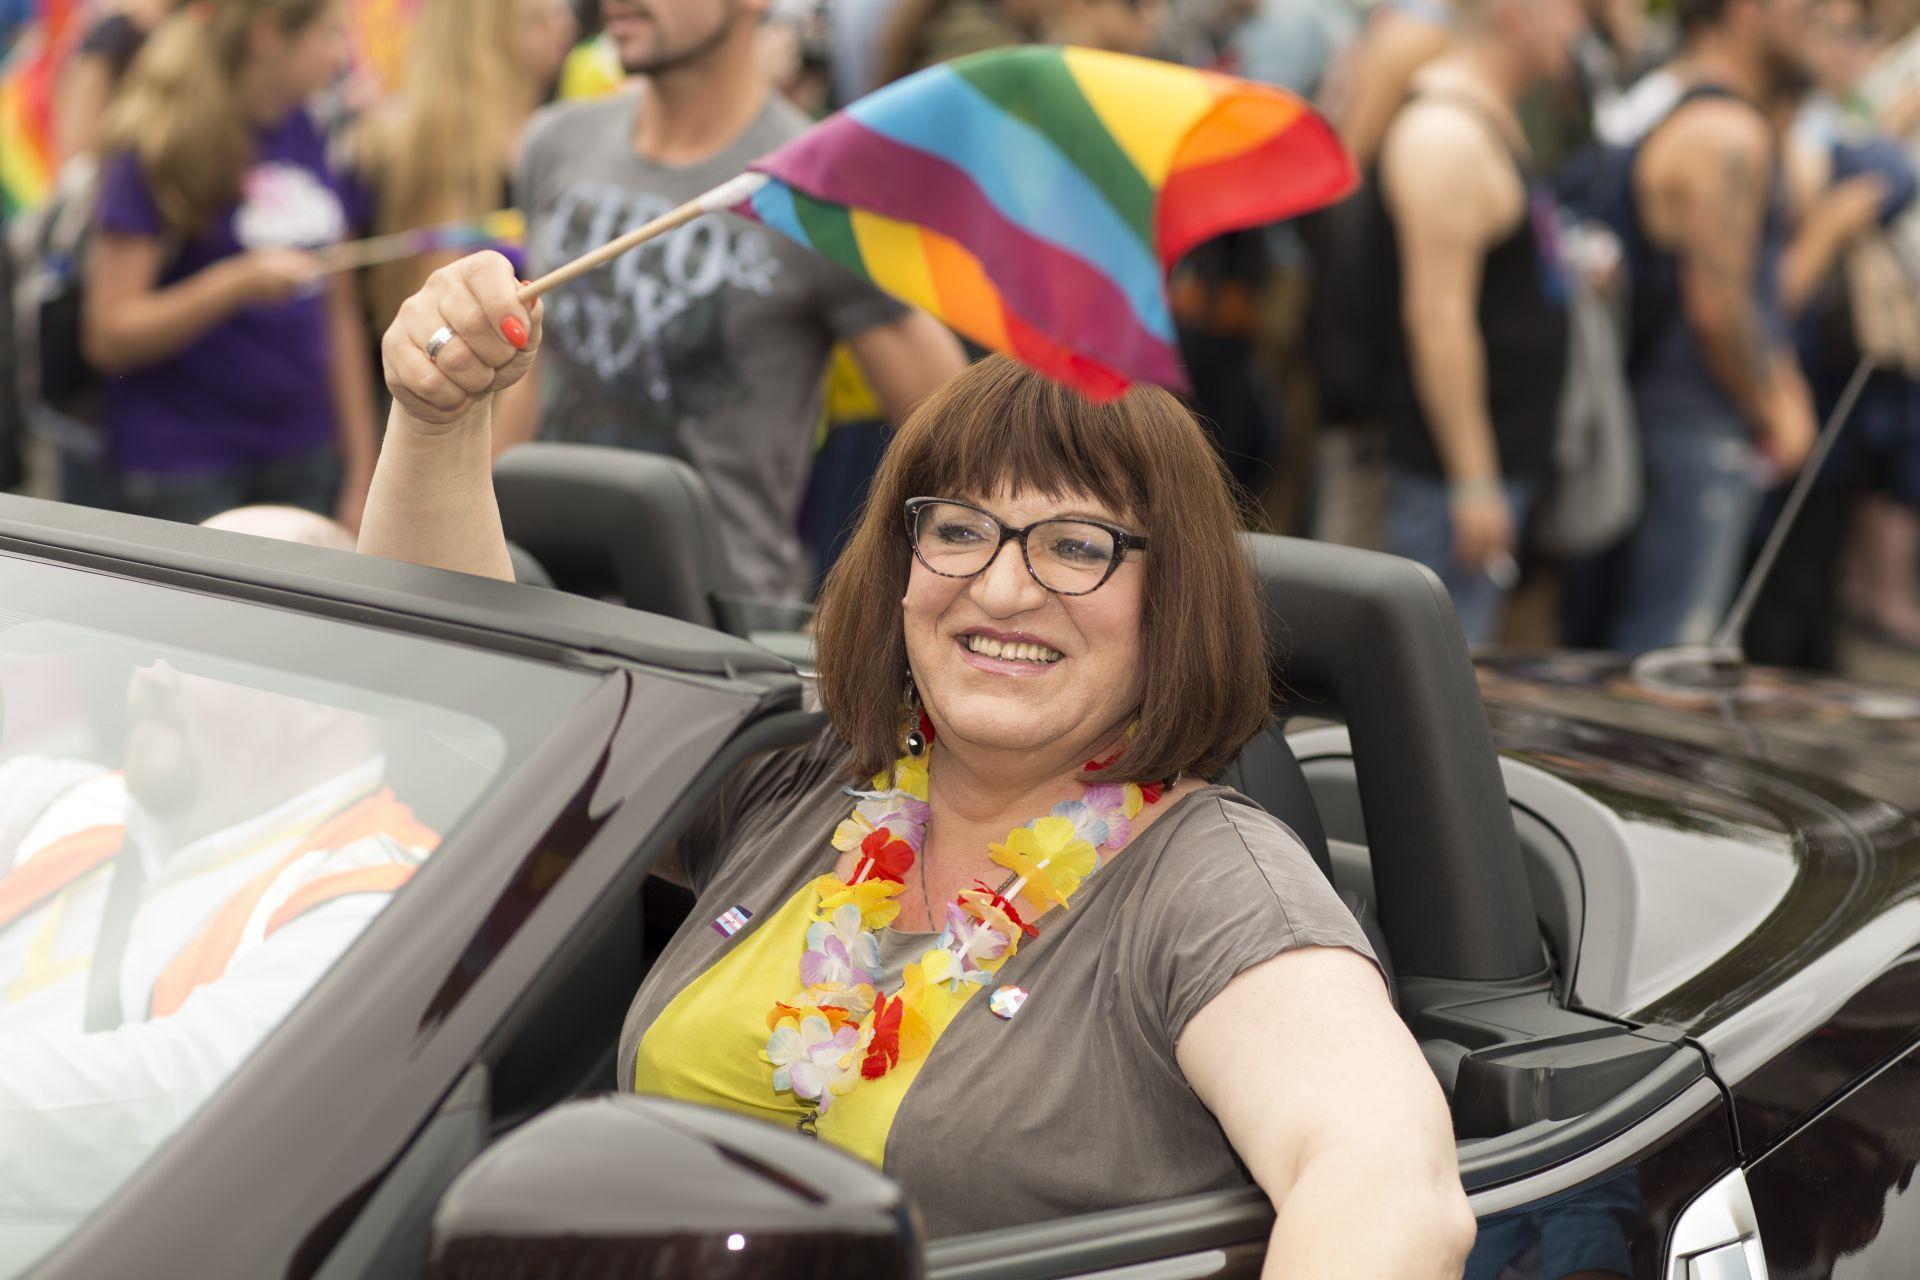 Анна Гродзка стана първи транссексуален депутат в католическа Полша през 2011 г.